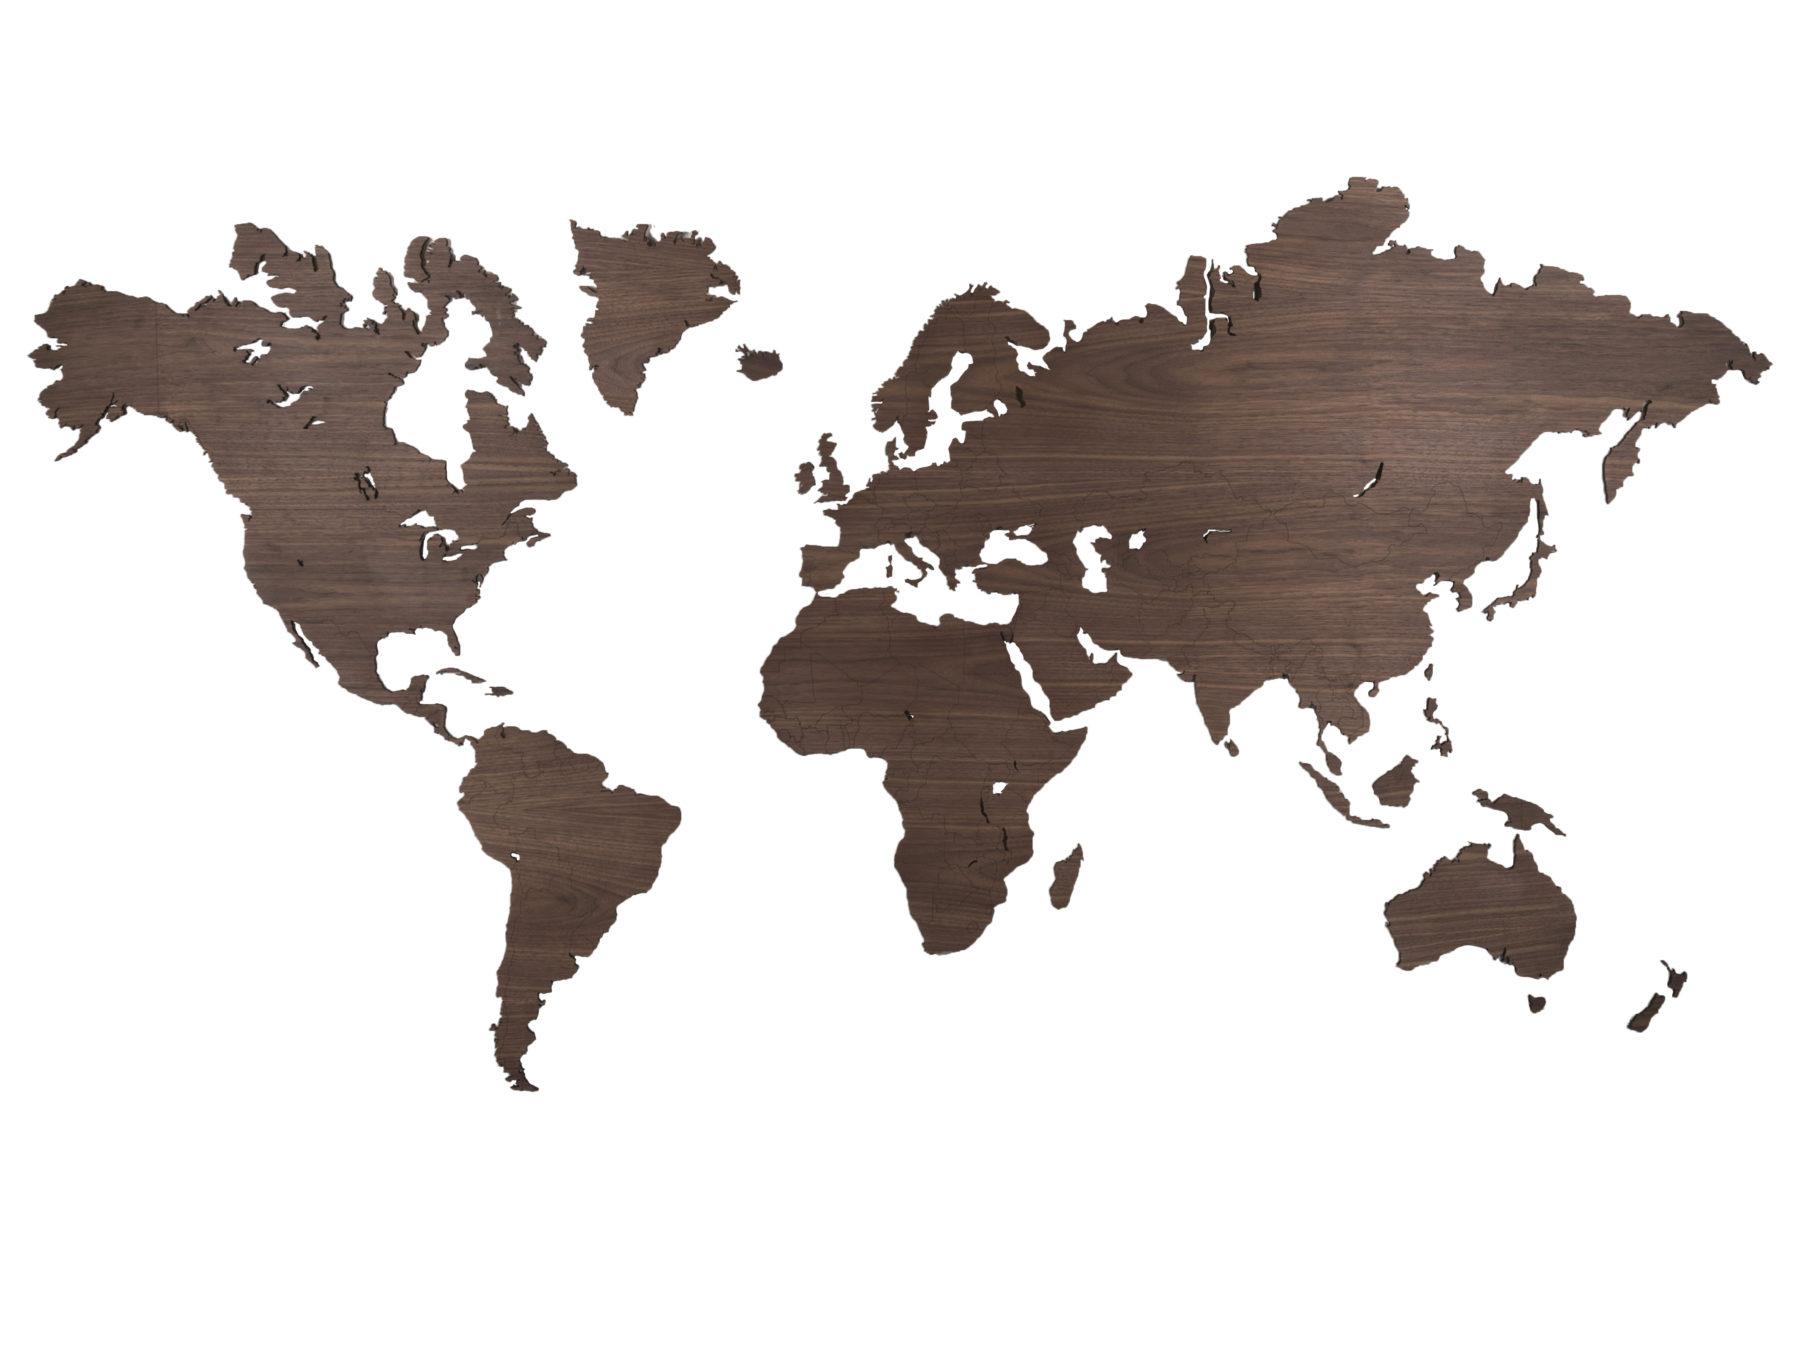 Noten houten wereldkaart voorbeeld